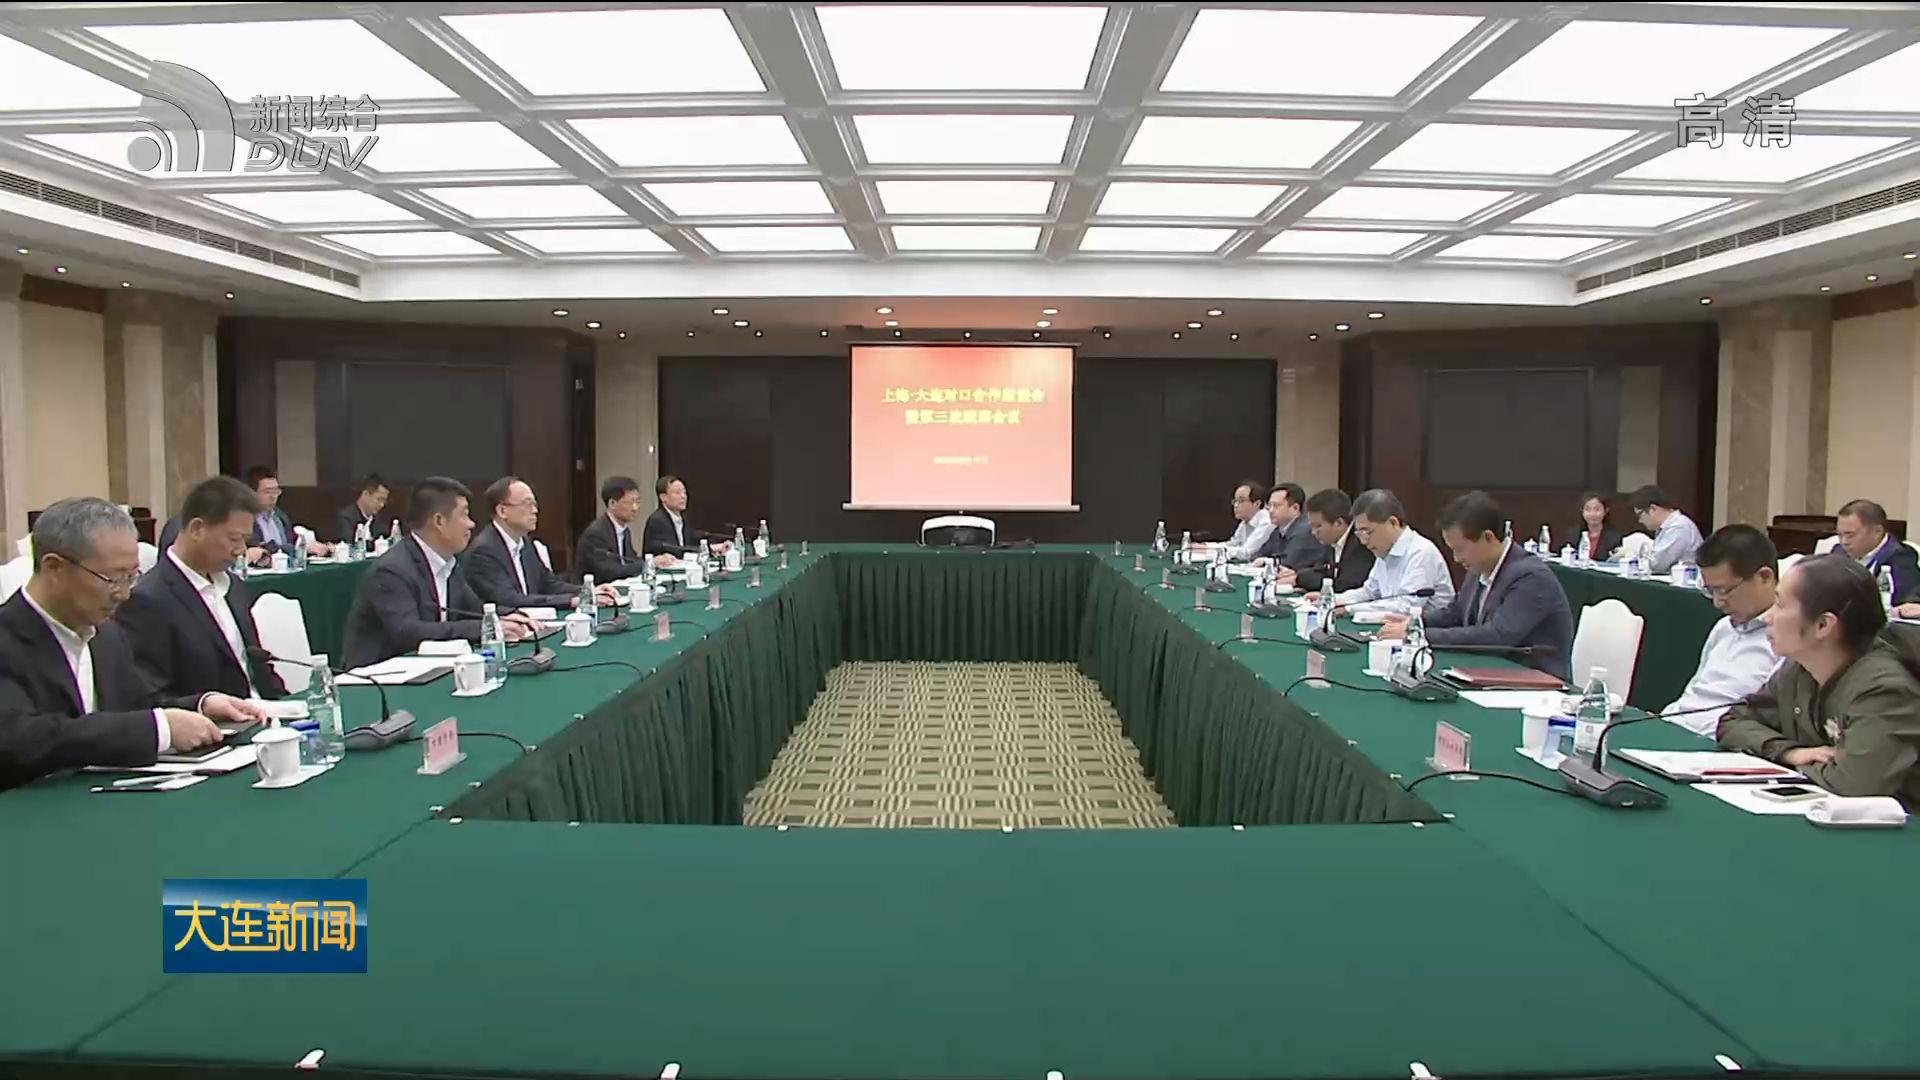 上海市與大連市對口合作座談會召開